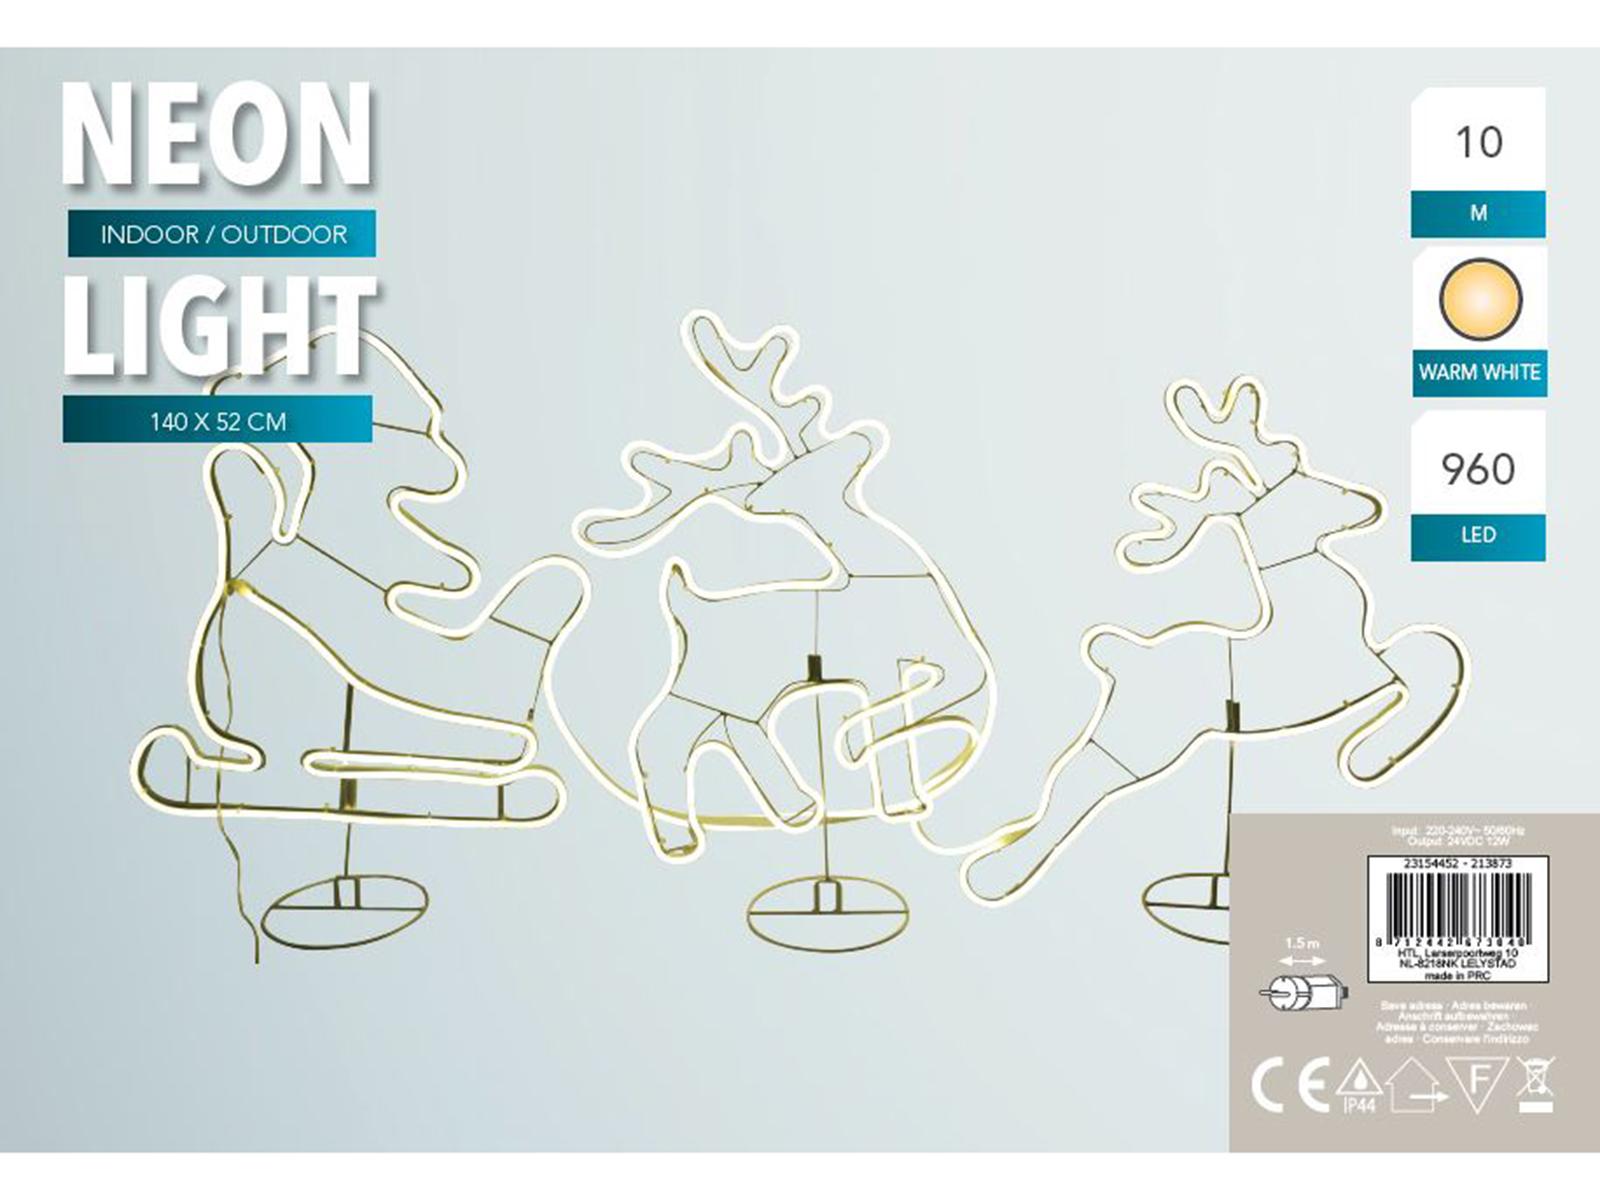 Rentiere mit Schlitten neon 140x52 cm Image